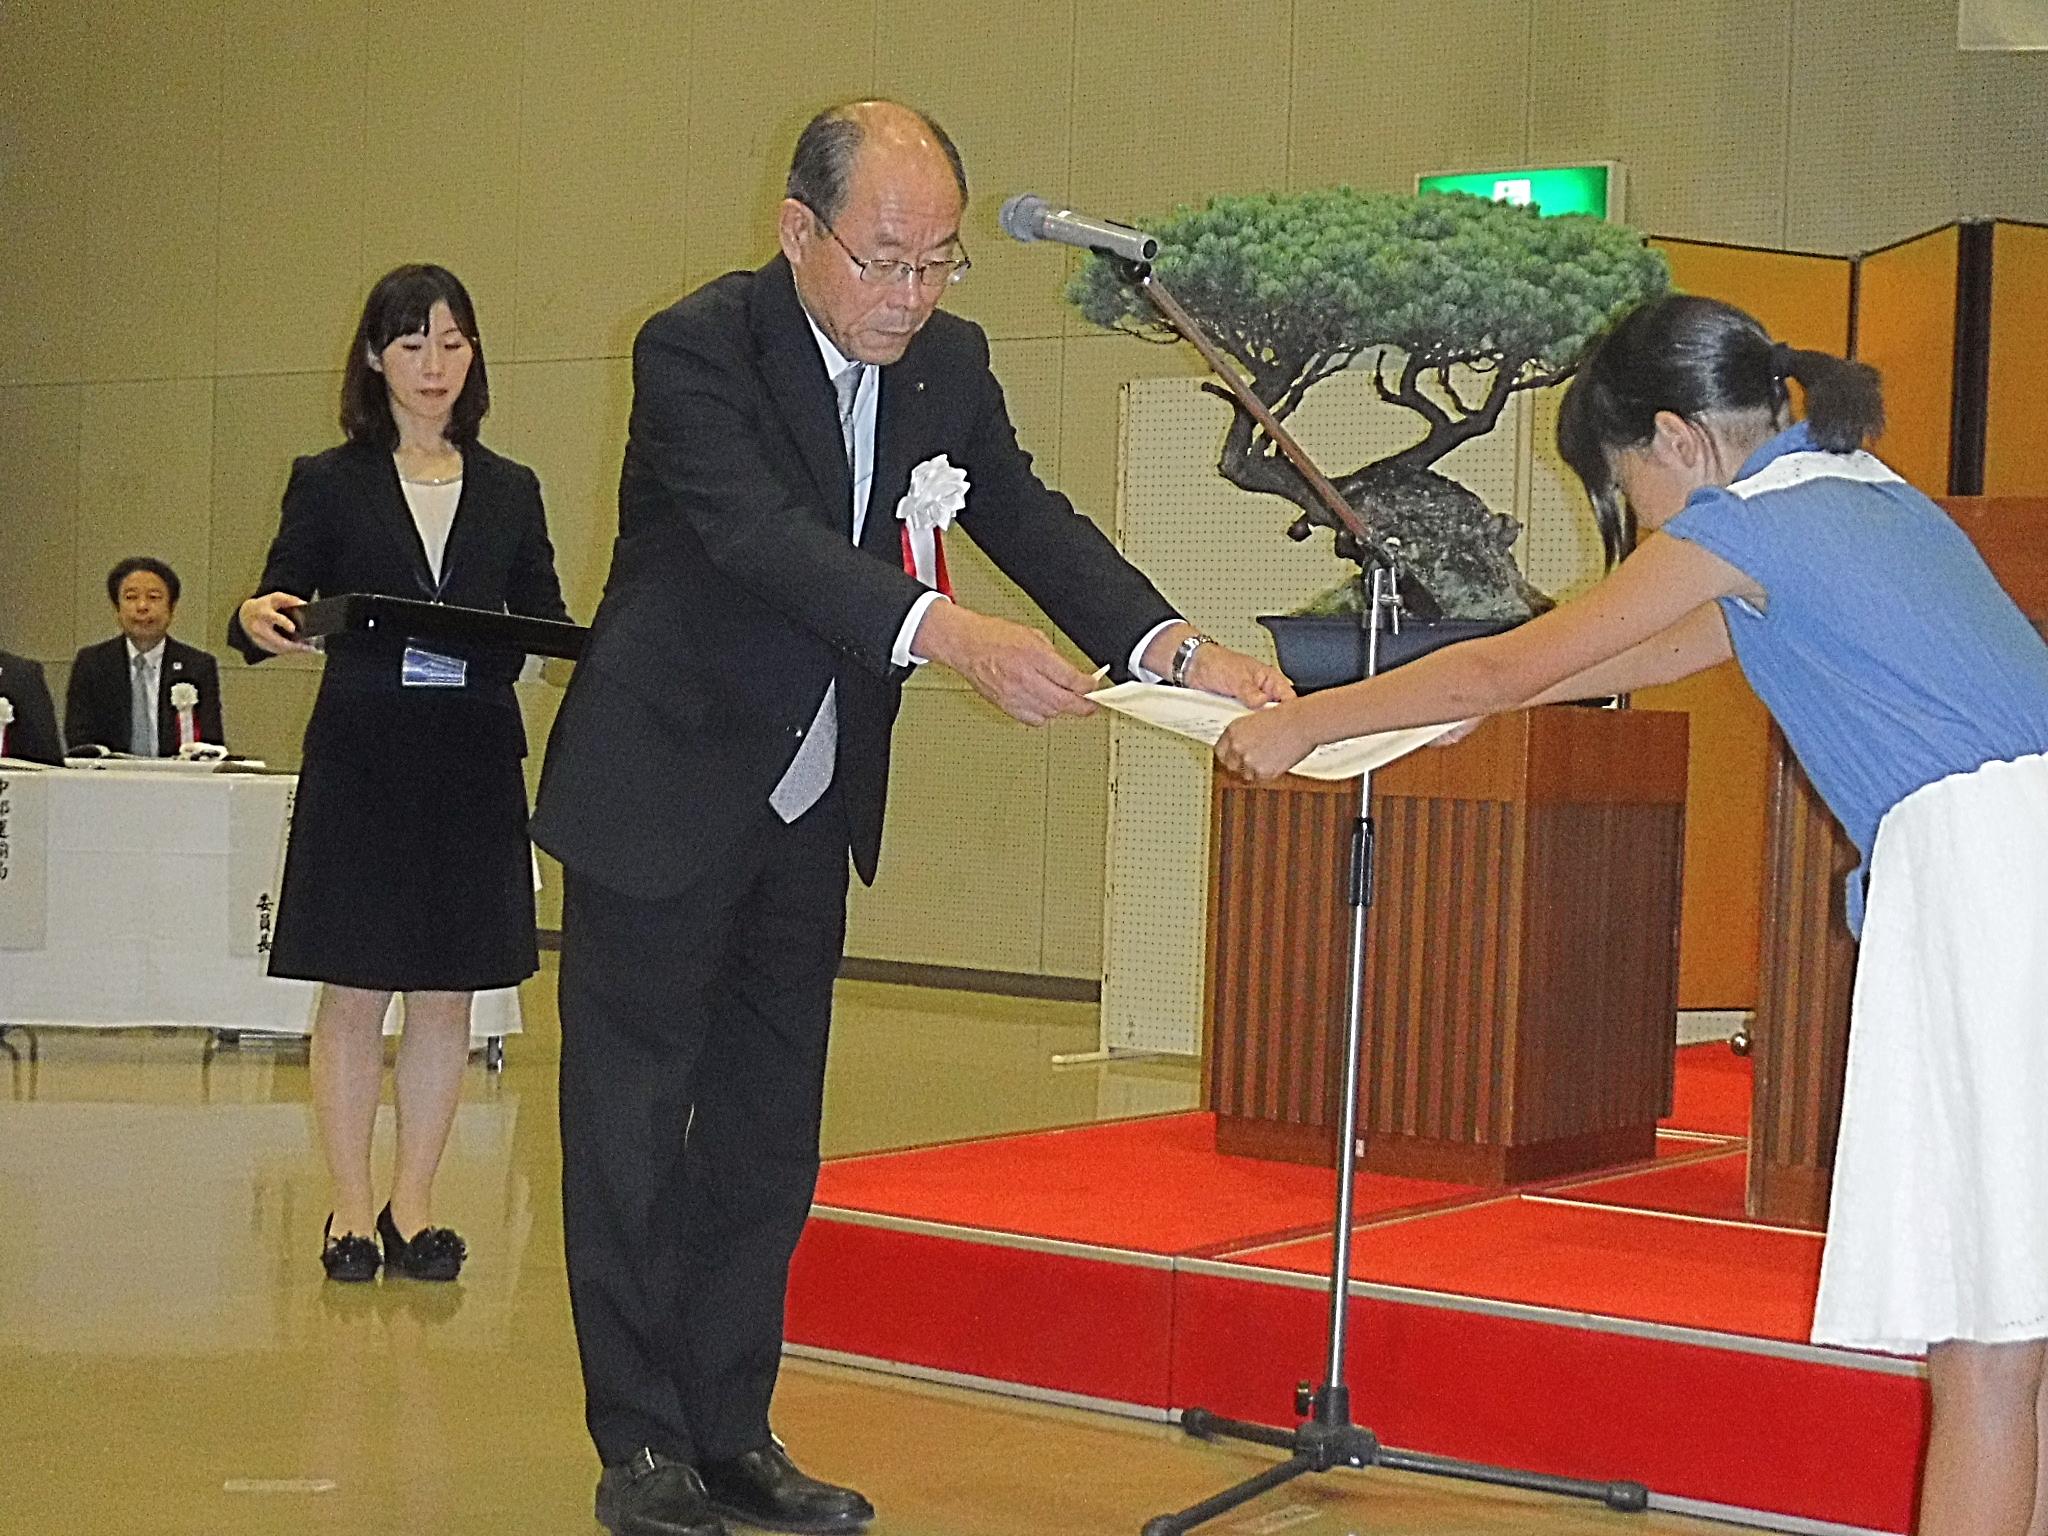 海事広報局長賞:西尾・静岡県海事広報協会局長から授与